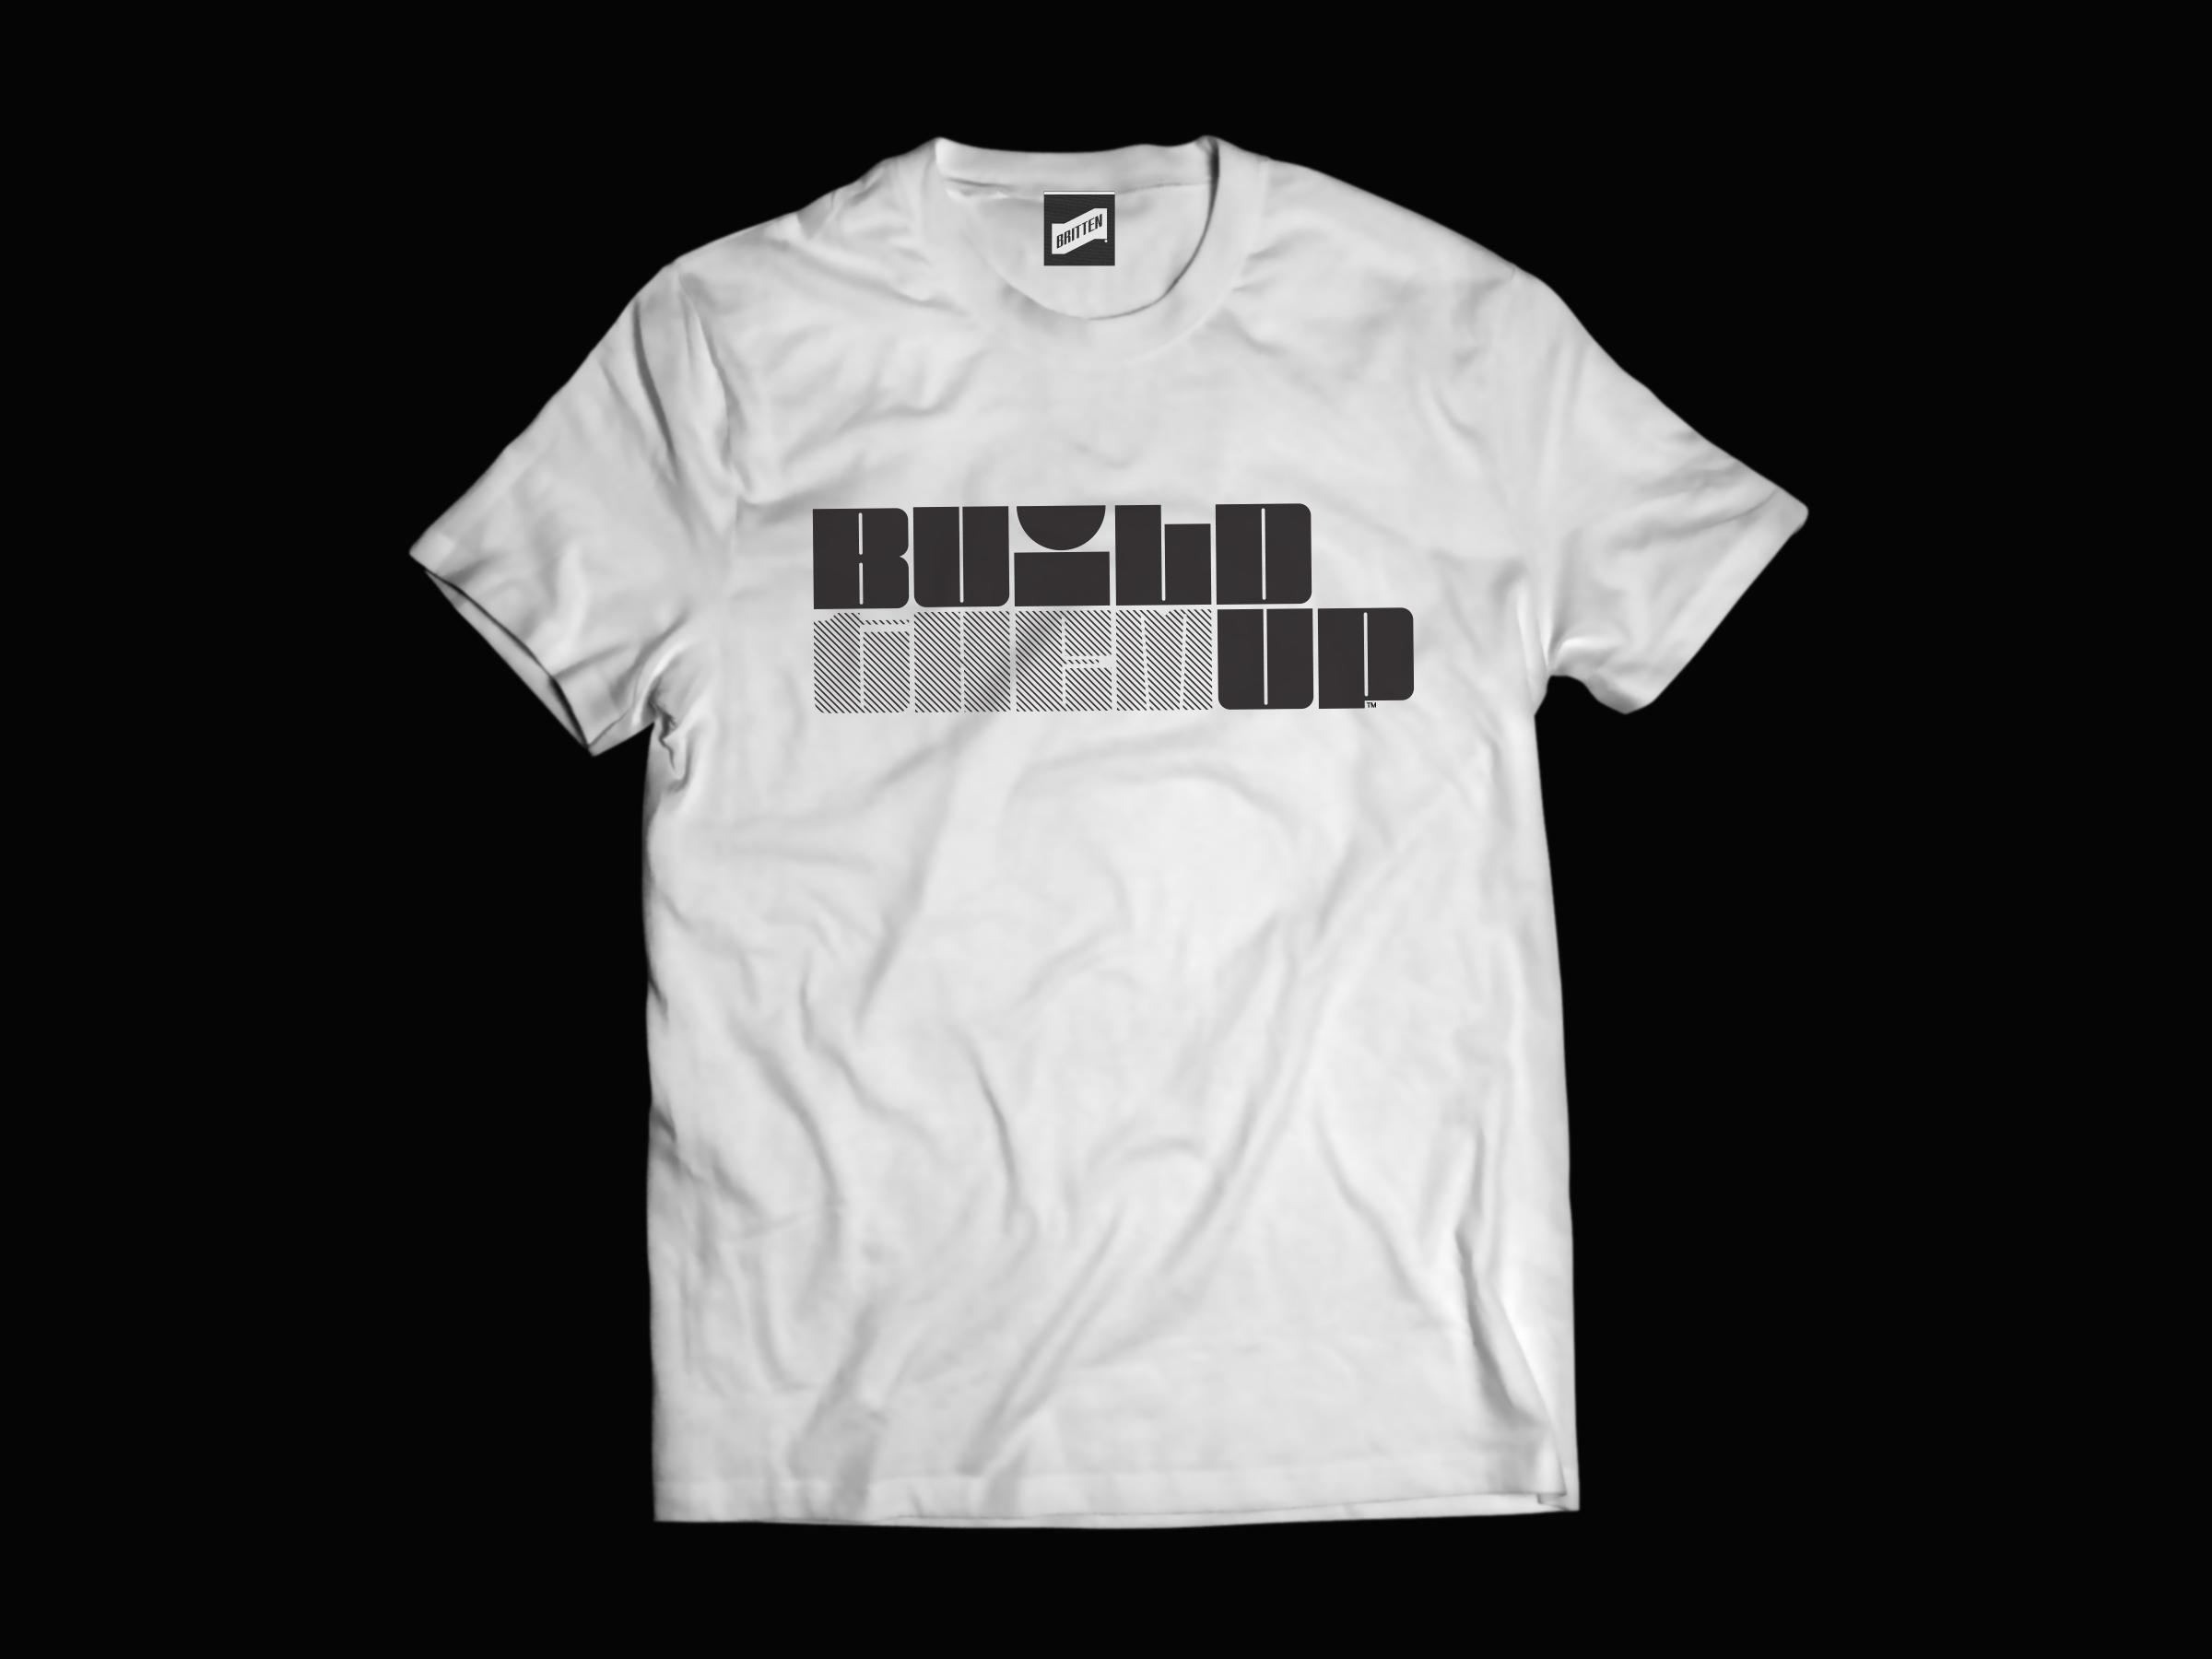 3D_britten_shirt+lable_1_2400w.jpg